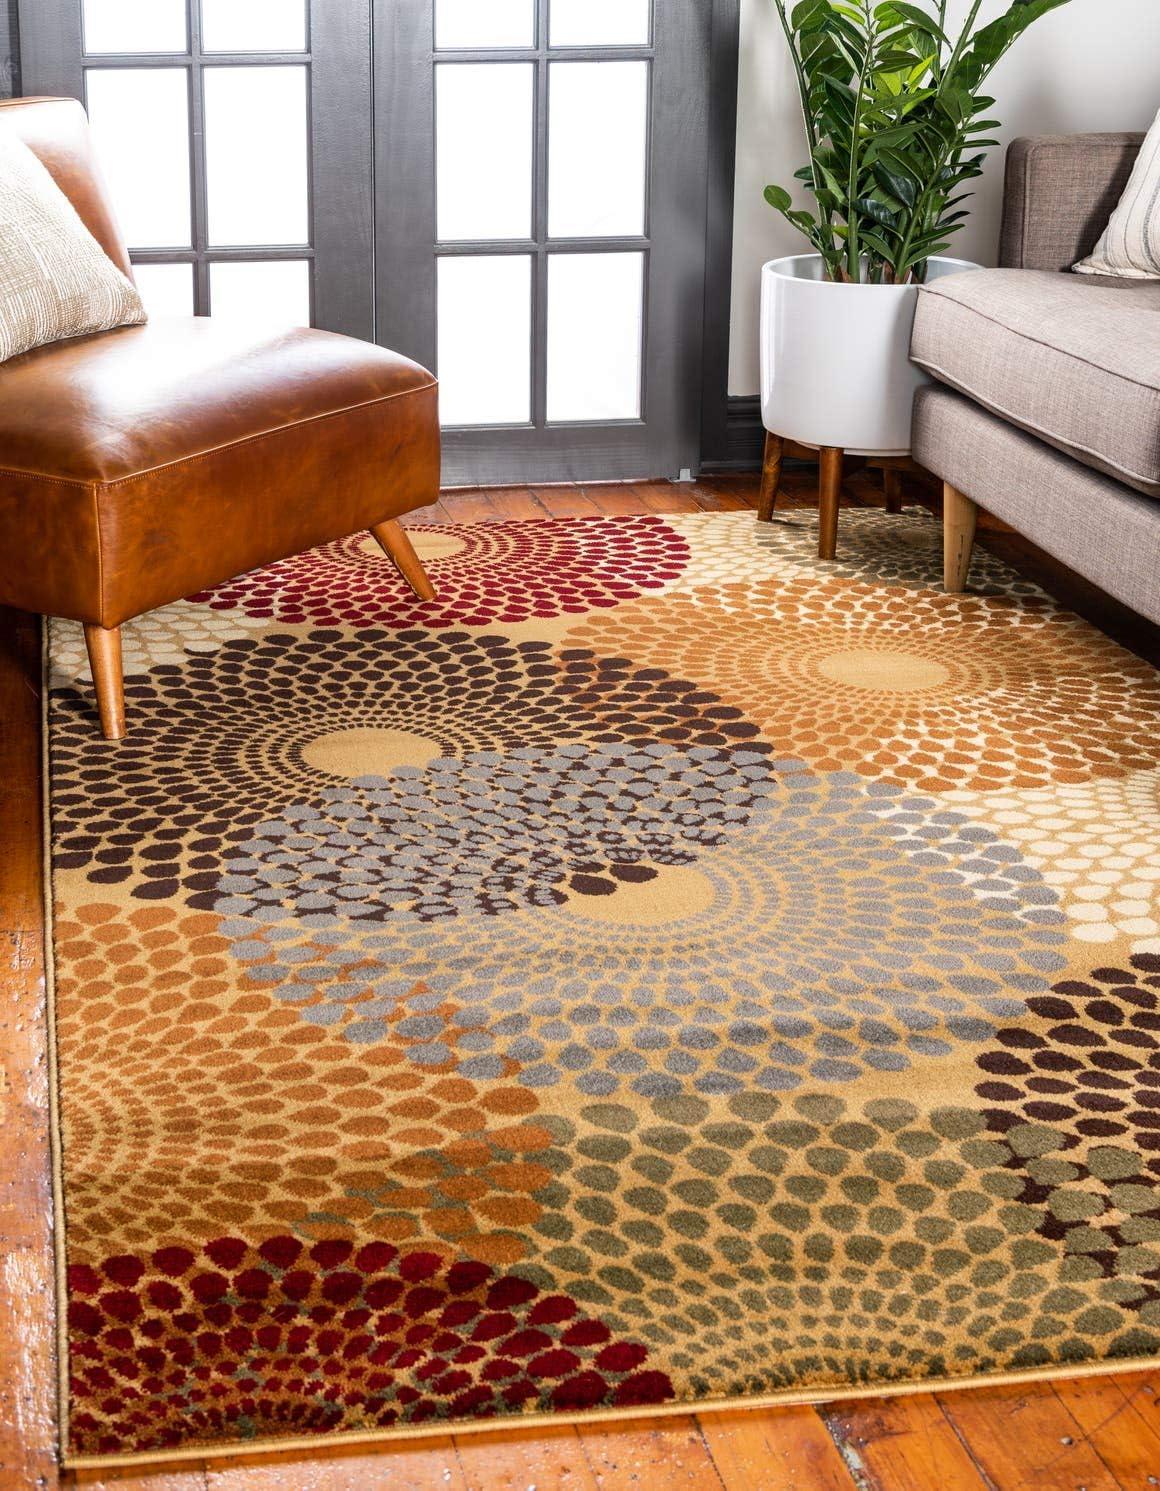 Unique Loom Barista Collection Modern Circular Contemporary Beige Area Rug 8 0 x 10 0